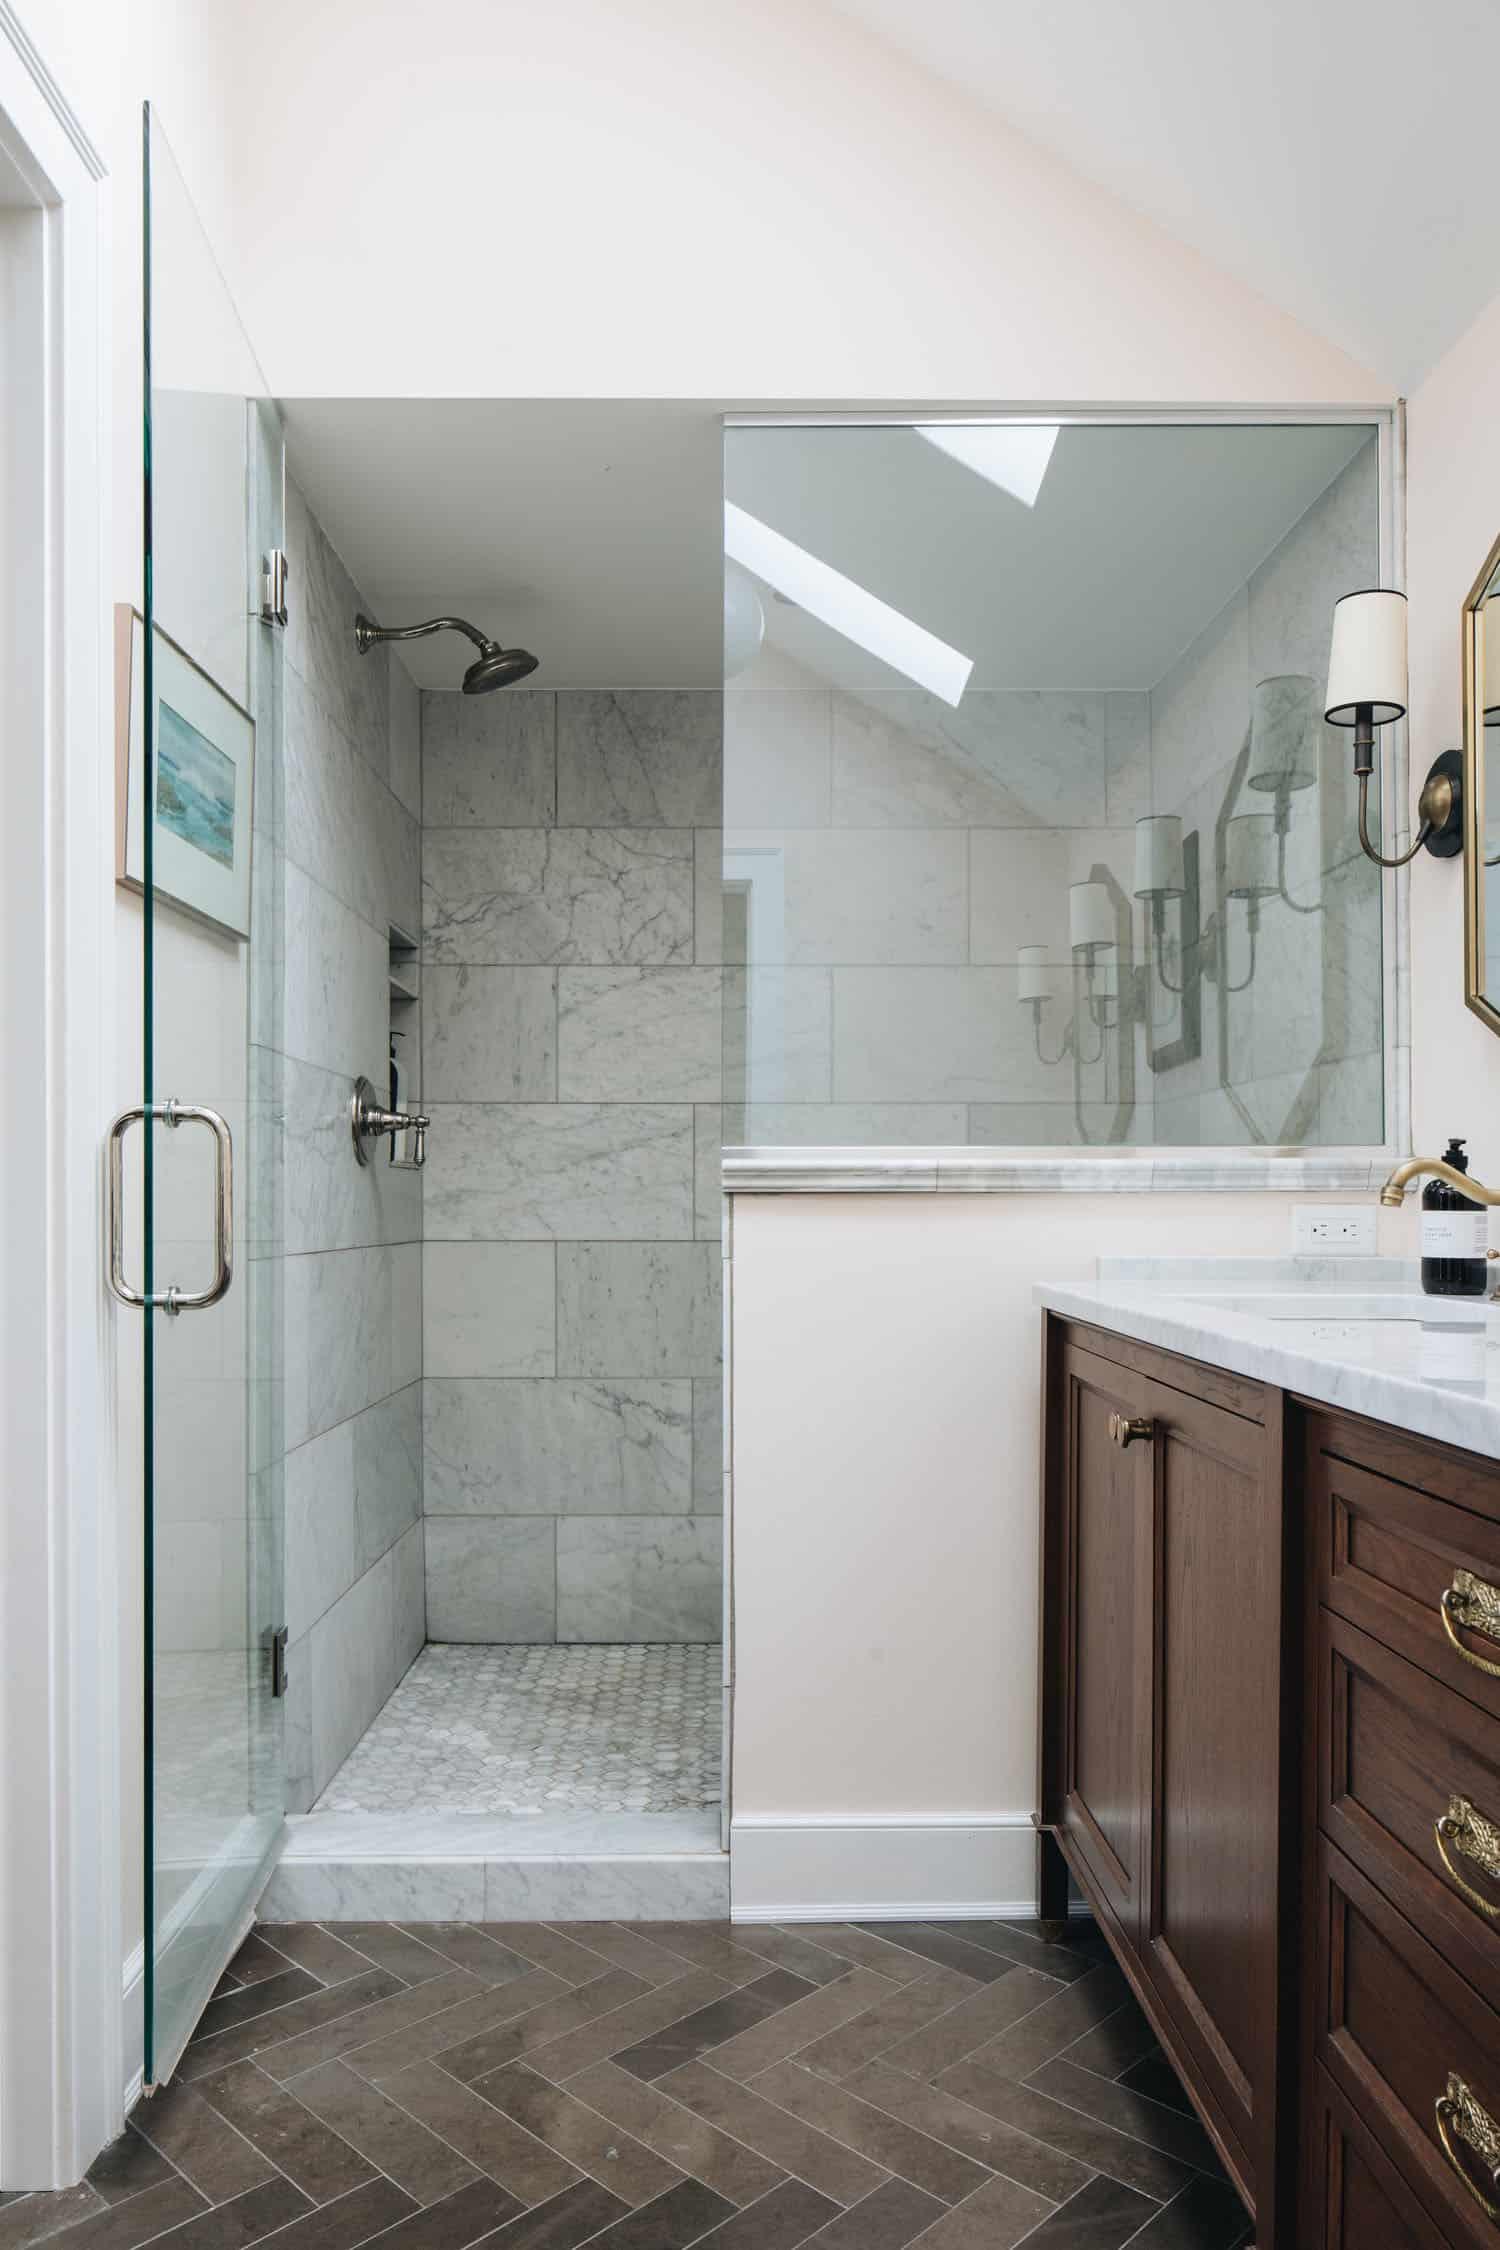 kupaonica u tradicionalnom stilu